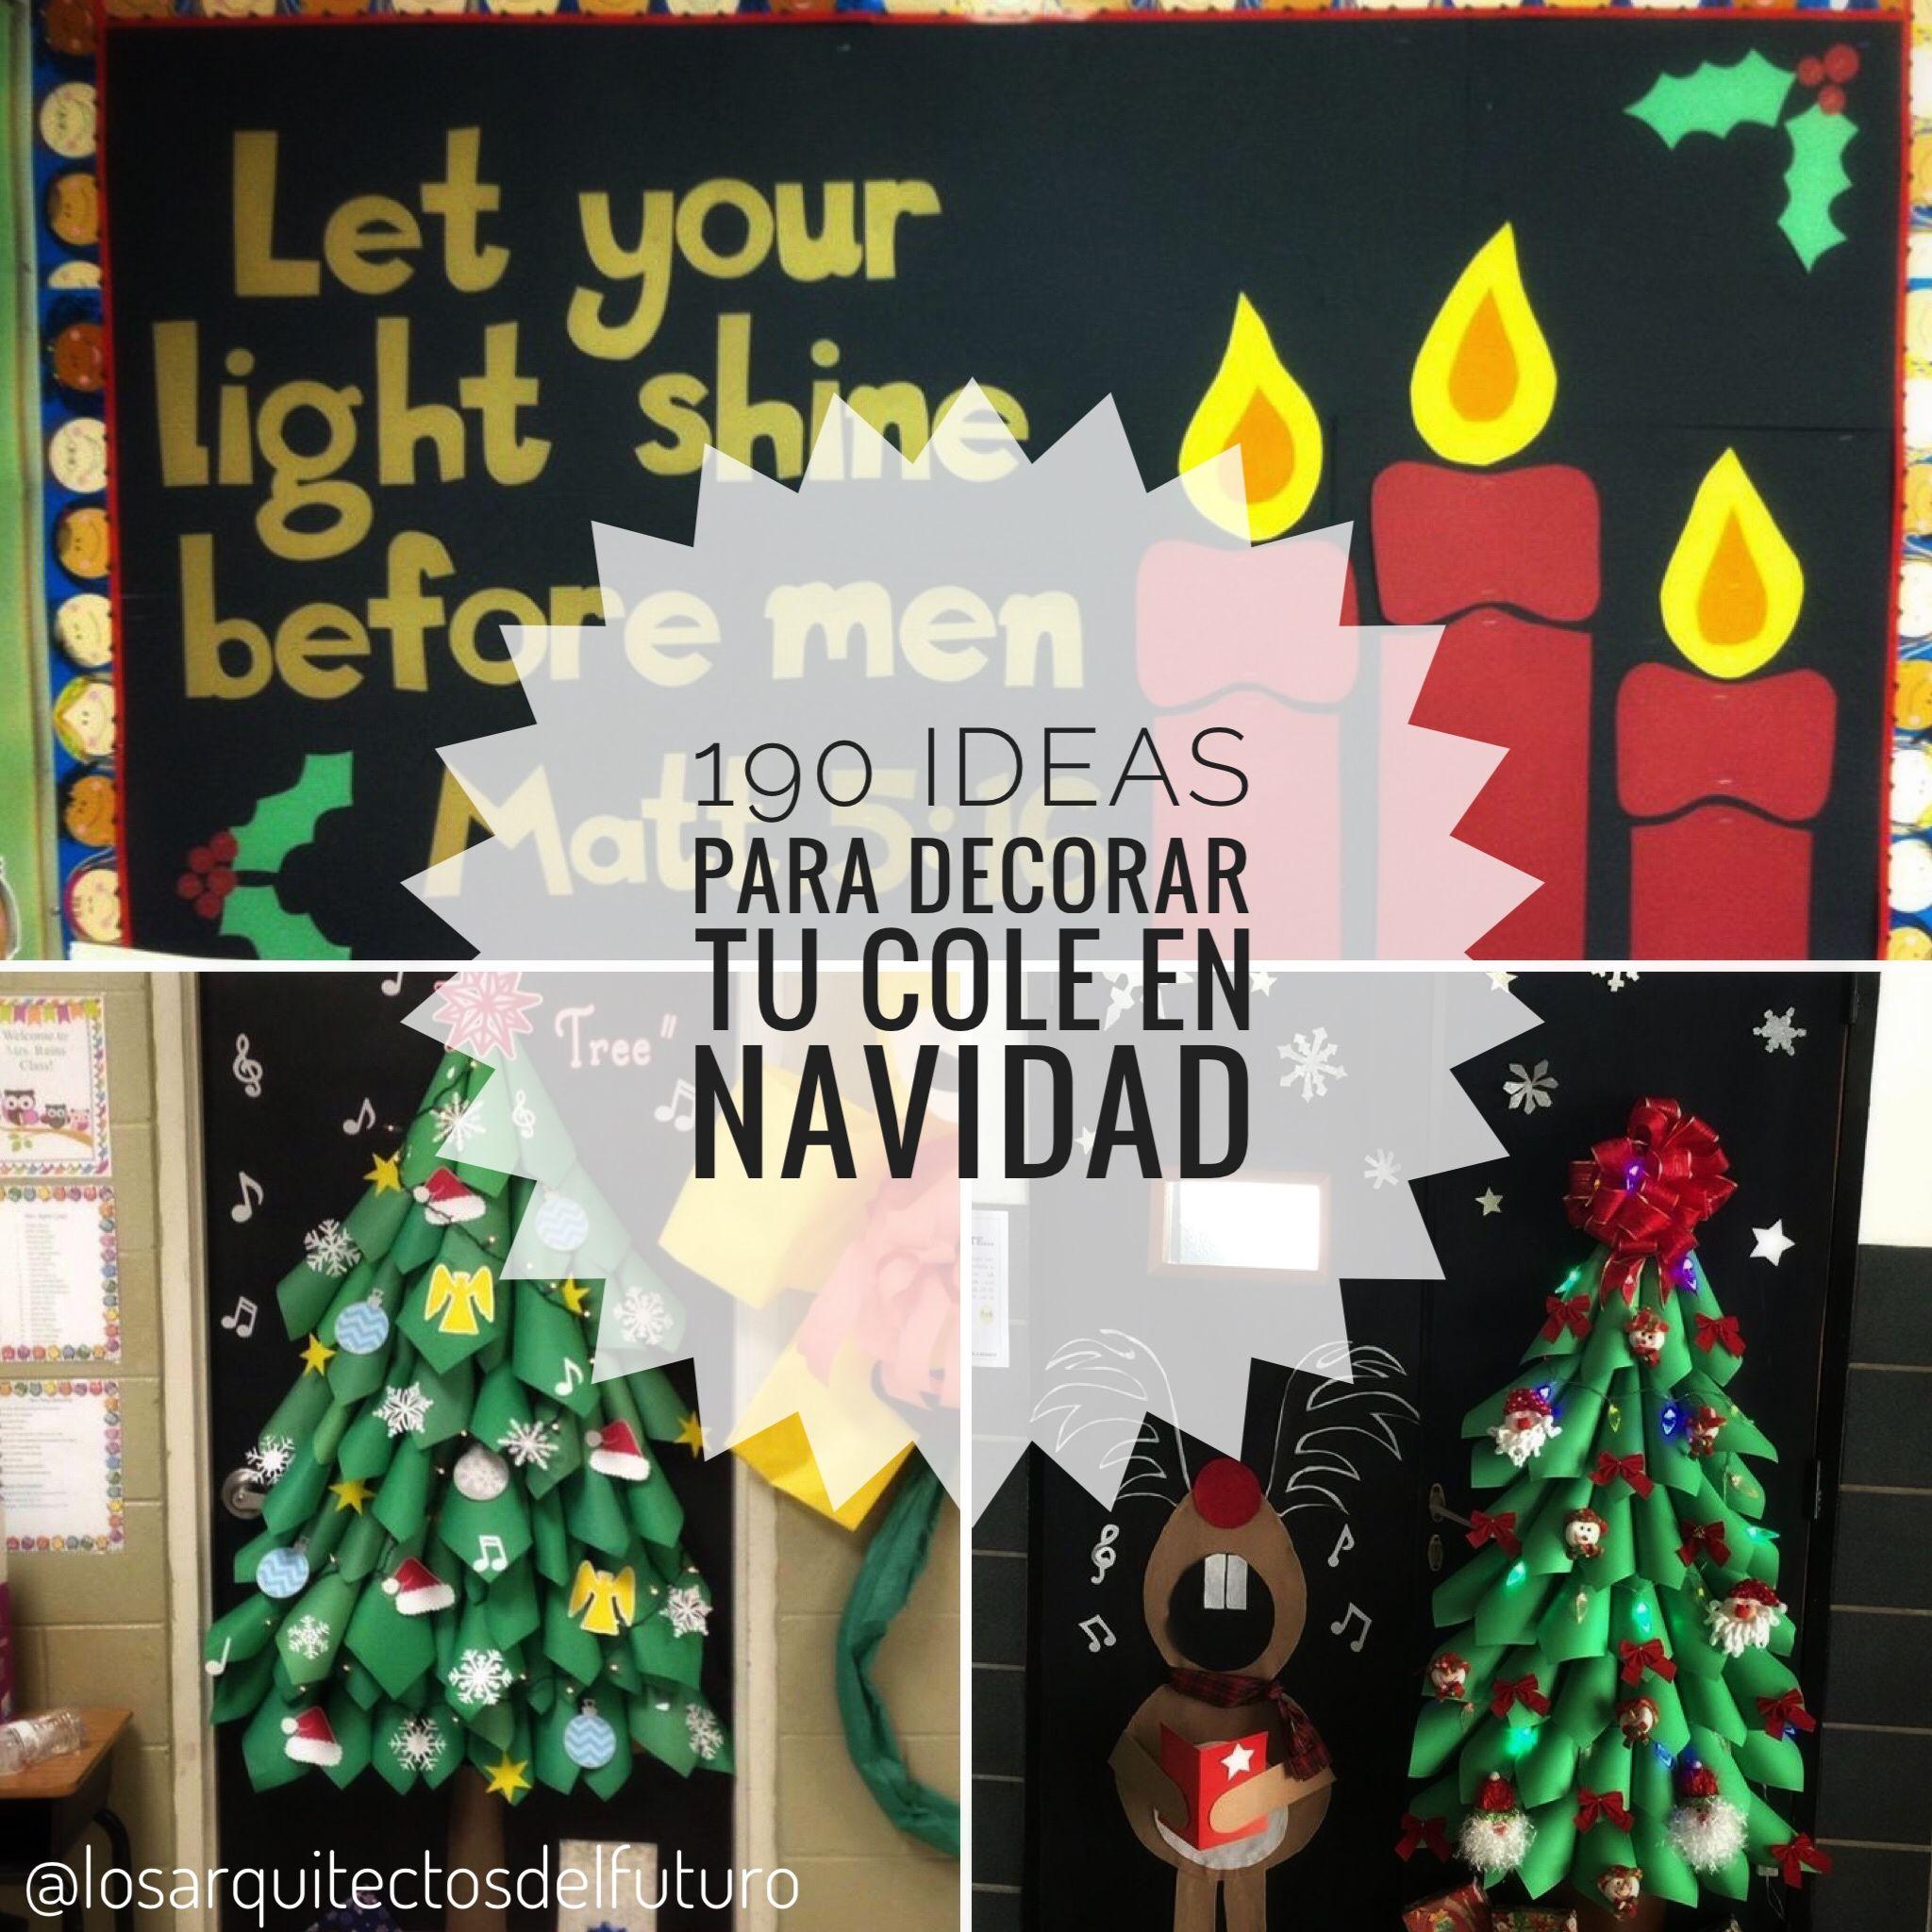 Un montón de ideas para decorar de navidad murales y puertas en tu cole